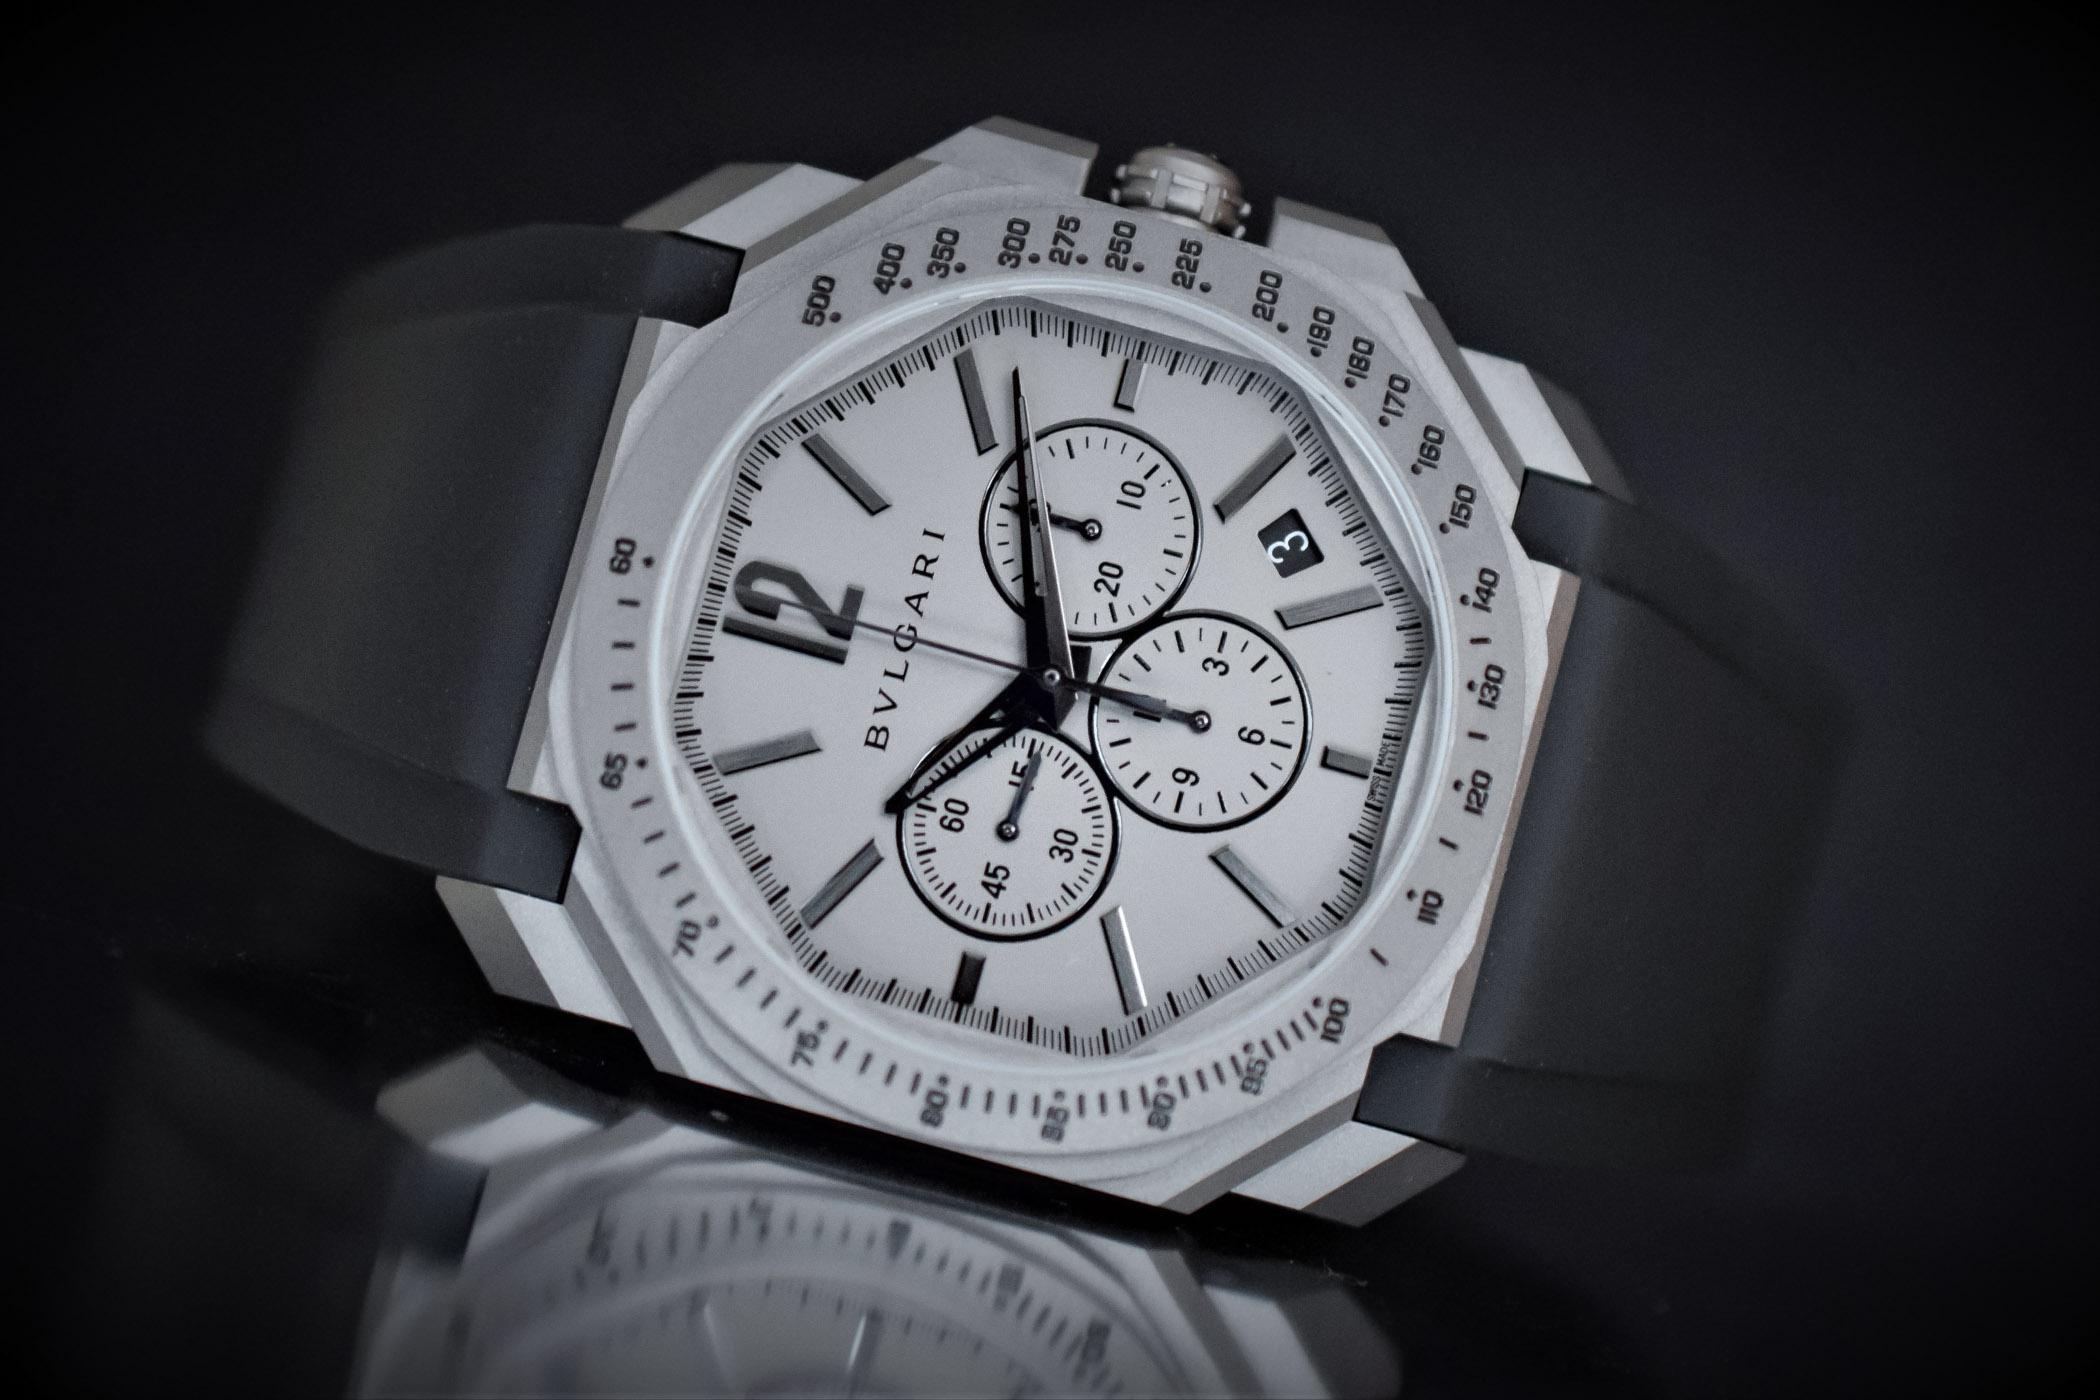 Bulgari Octo L'Originale Velocissimo Chronograph - 2018